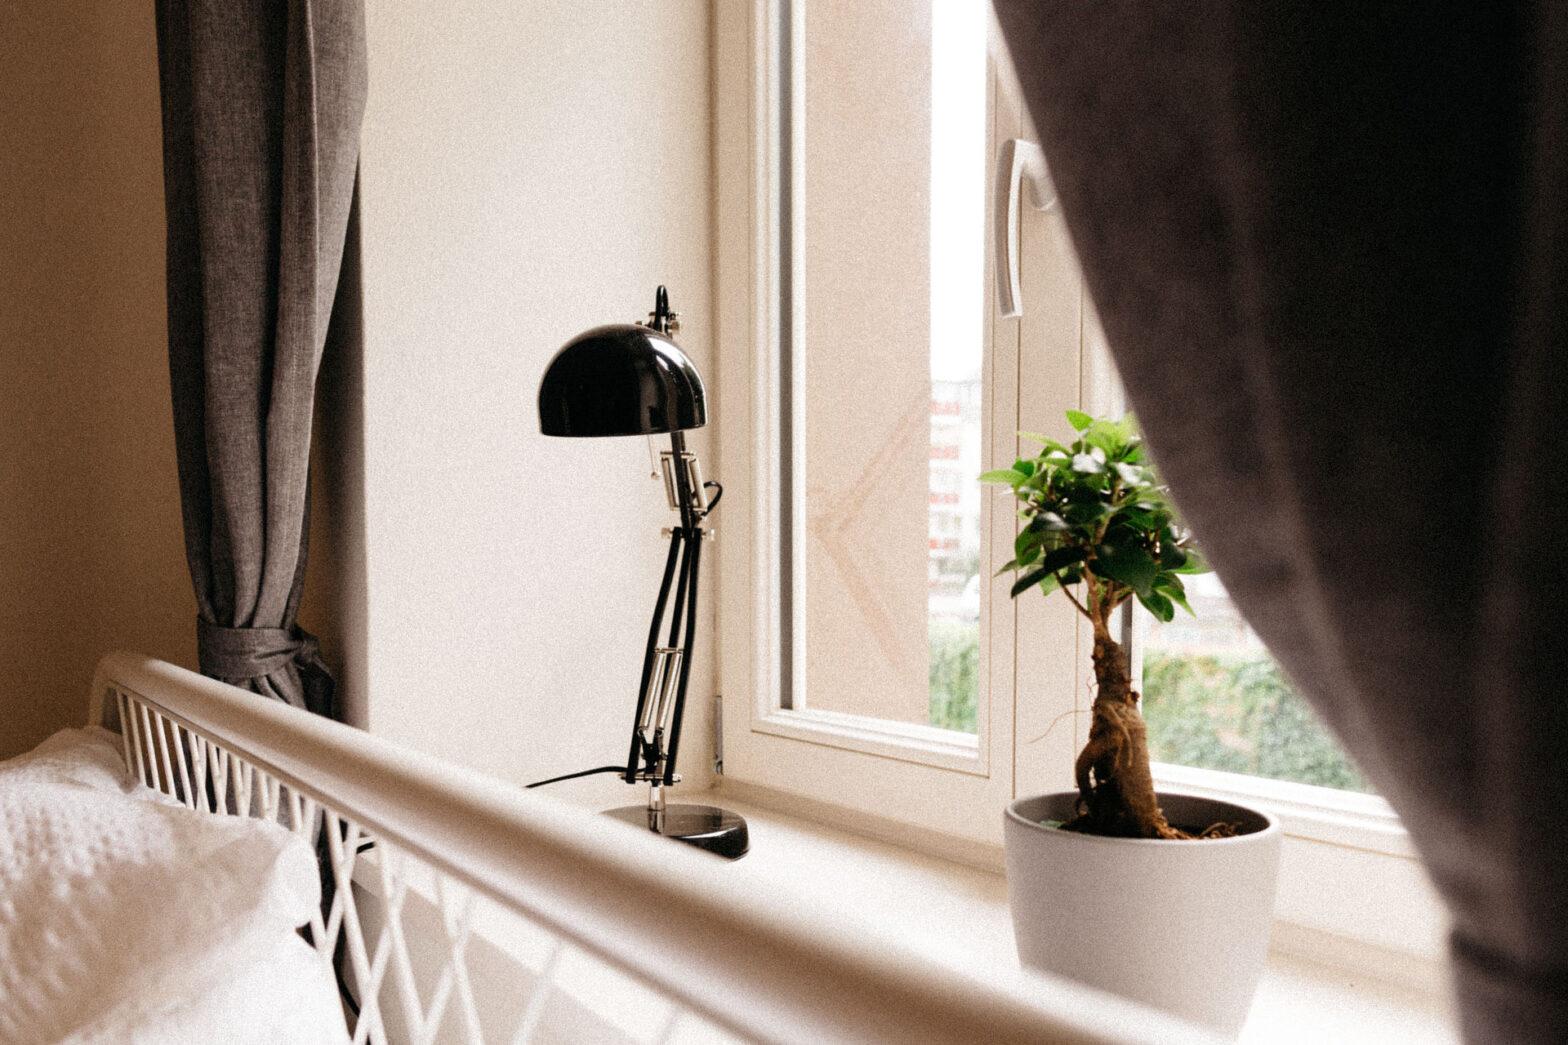 pflanzen und eine schöne schwarze alte Schreibtischlampe auf dem Fensterbrett im hostel multitude